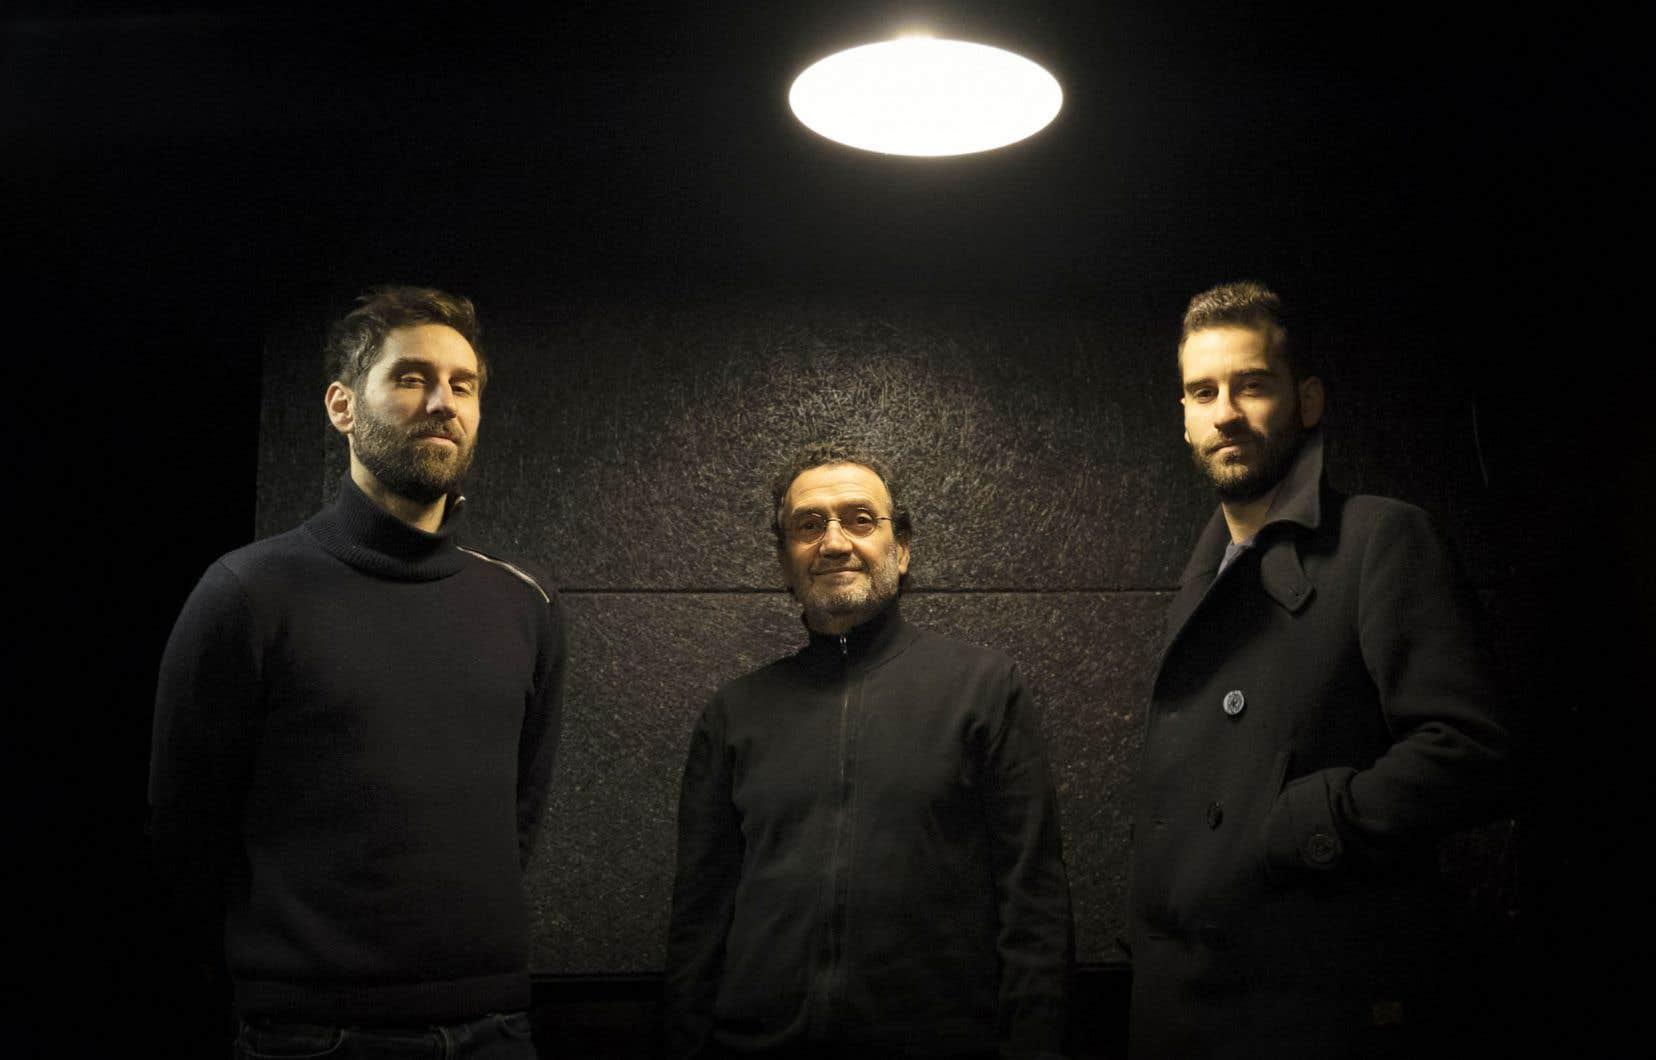 C'est avec une partie de ses acolytes (Damien Fléau, à gauche, et Maxime Fléau, à droite) du groupe Cheikh Sidi Bémol que Hocine Boukella (au centre) montera sur la scène du Gésù pour présenter son conte musical.